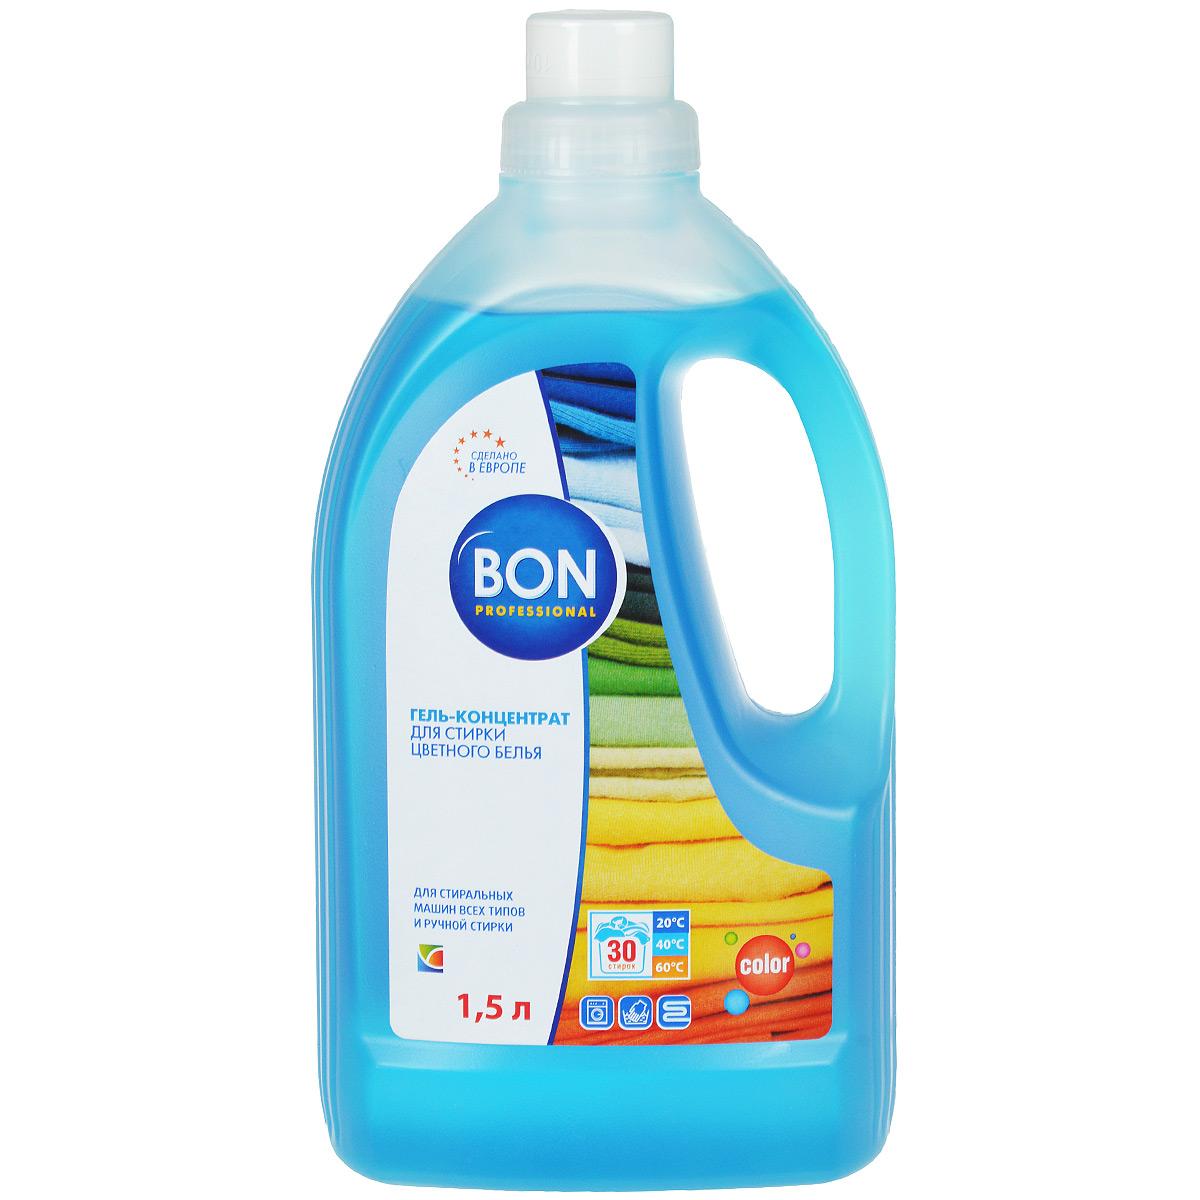 Гель Bon, для стирки цветного белья, концентрат, 1,5 л0340Концентрированный гель Bon предназначен для стирки цветного белья. Гель содержит биодобавки - энзимы для выведения пятен. Средство эффективно растворяет жир, сохраняет насыщенность цвета, придает белью аромат свежести и защищает стиральную машину от образования известкового налета и накипи. Не содержит фосфаты. Подходит для стиральных машин любого типа, активно действует в воде любой жесткости и при температурном режиме от +20°С до 60°С. Может использоваться при ручной стирке. Подходит для всех типов ткани.